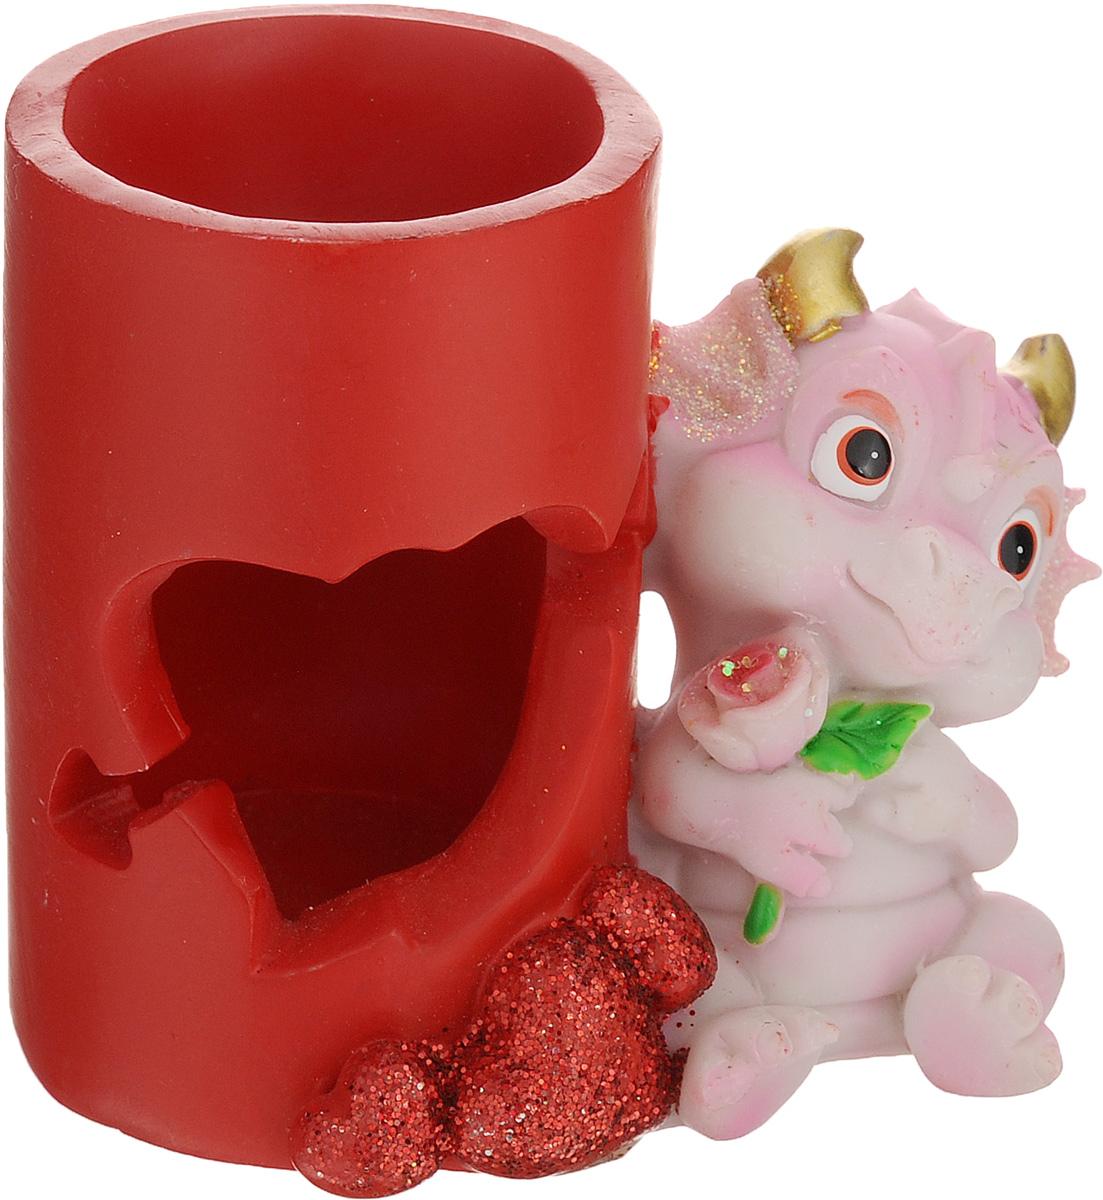 Статуэтка декоративная Lunten Ranta Розовый дракончик с розой, с подставкой для ручек74-0120Очаровательная статуэтка Lunten Ranta Розовый дракончик с розой станет оригинальным подарком для всех любителей стильных вещей. Она выполнена из полирезина в виде забавного дракончика и имеет удобную поставку для ручек. Изысканный сувенир станет прекрасным дополнением к интерьеру. Вы можете поставить статуэтку в любом месте, где она будет удачно смотреться и радовать глаз. Общий размер статуэтки (с учетом подставки): 8,5 х 5 х 7 см. Размер подставки: 4,5 х 4,5 х 7 см.